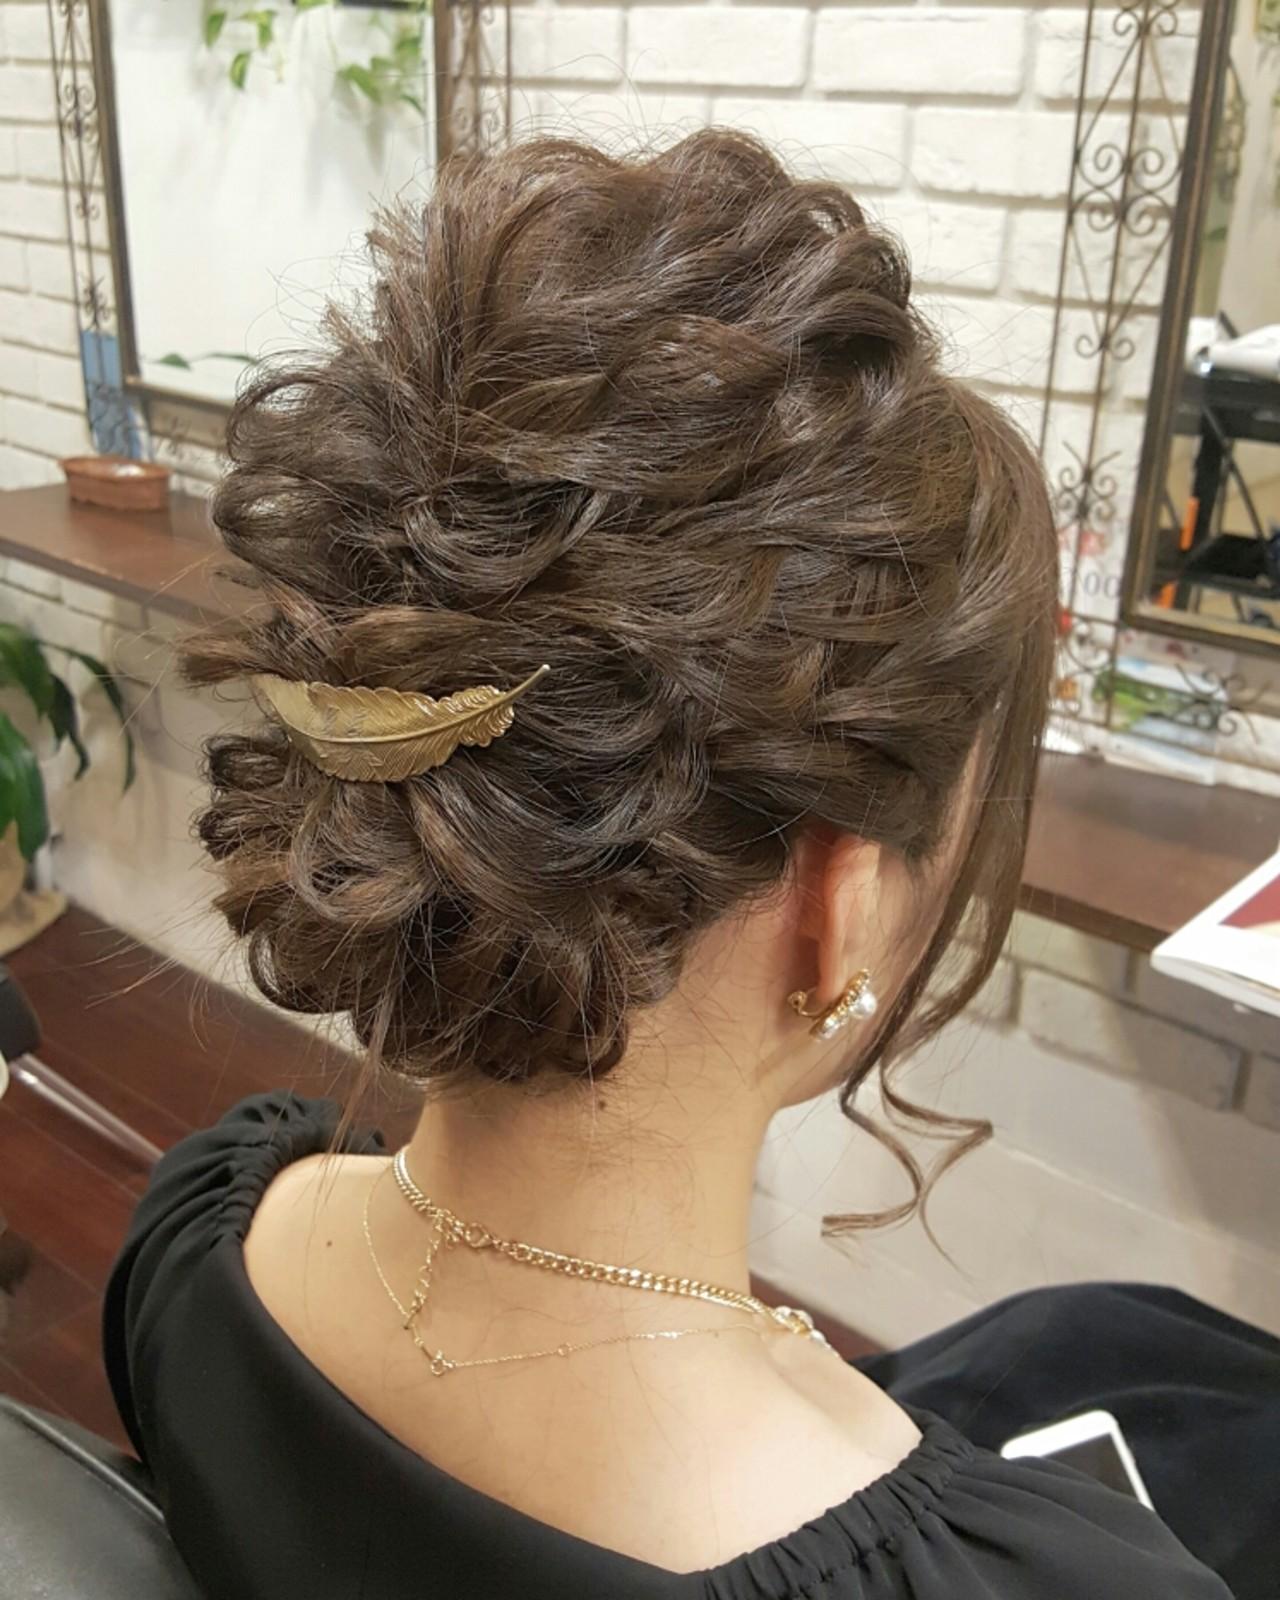 セミロング 外国人風 ヘアアレンジ 大人かわいい ヘアスタイルや髪型の写真・画像 | 岡本 幸治 / hair salon chelsea